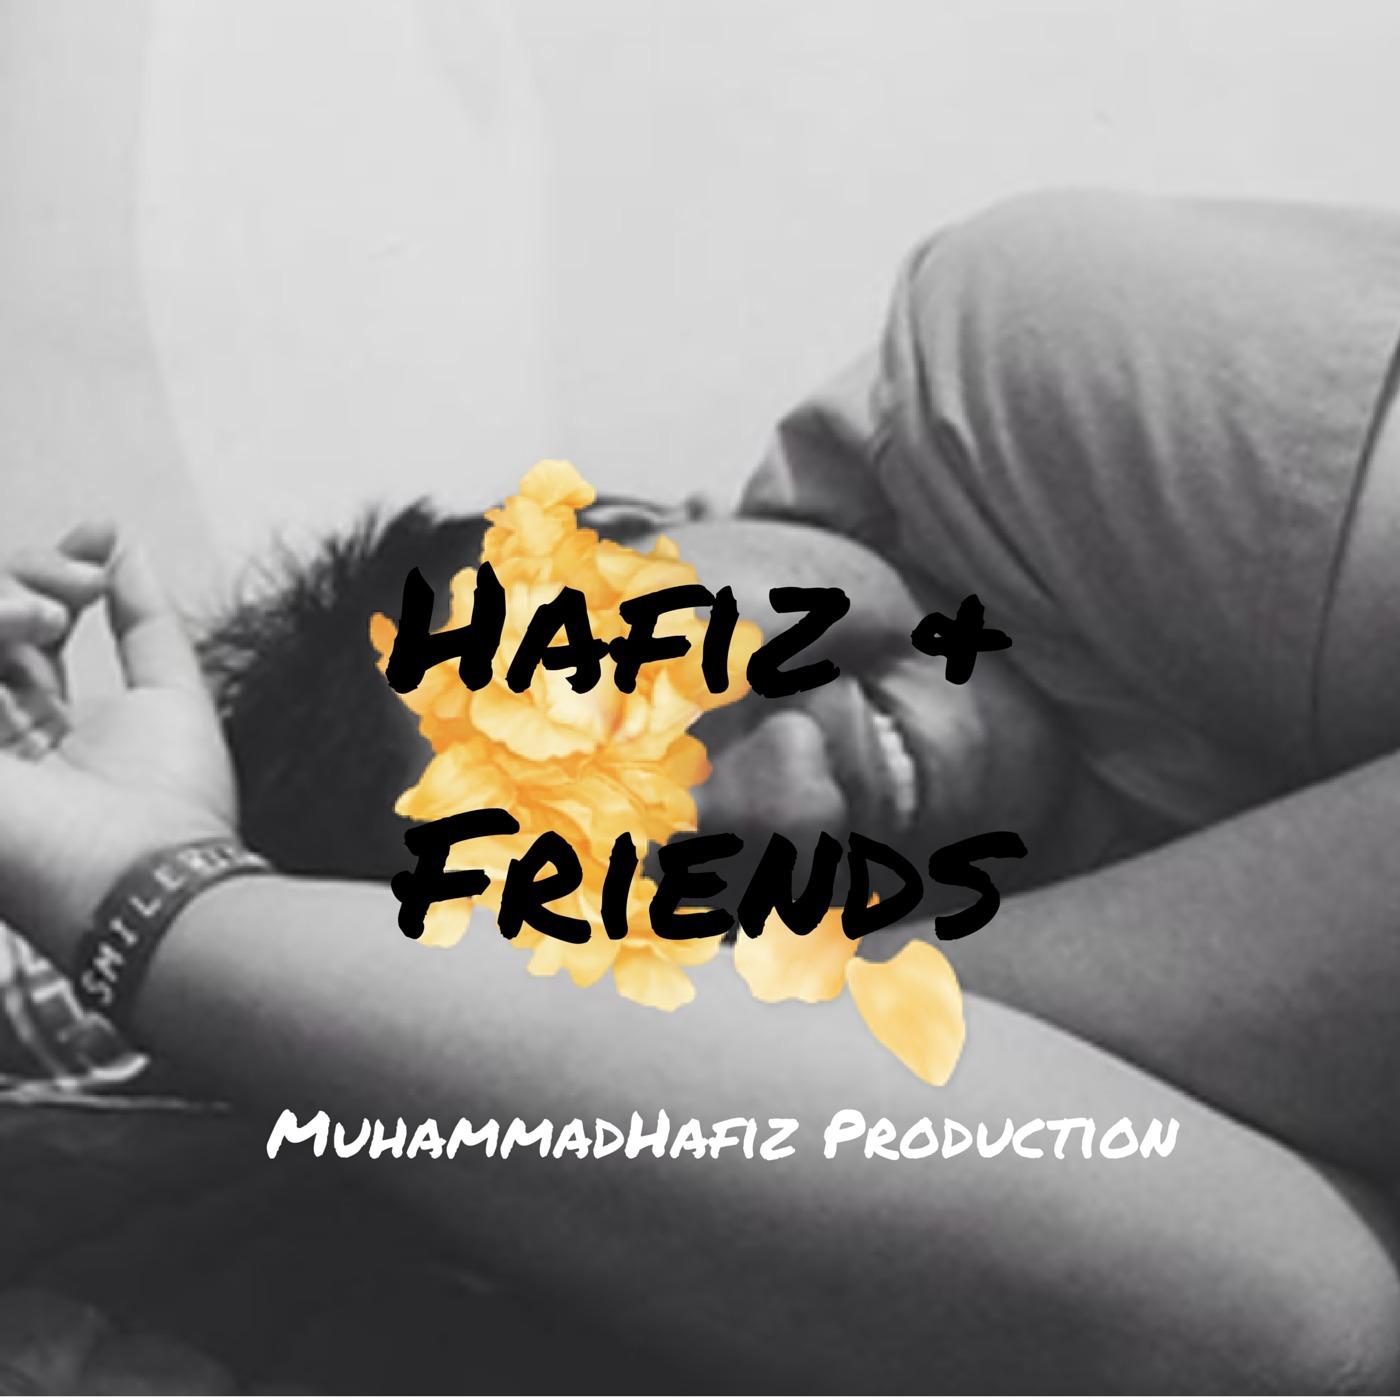 Hafiz & Friend's